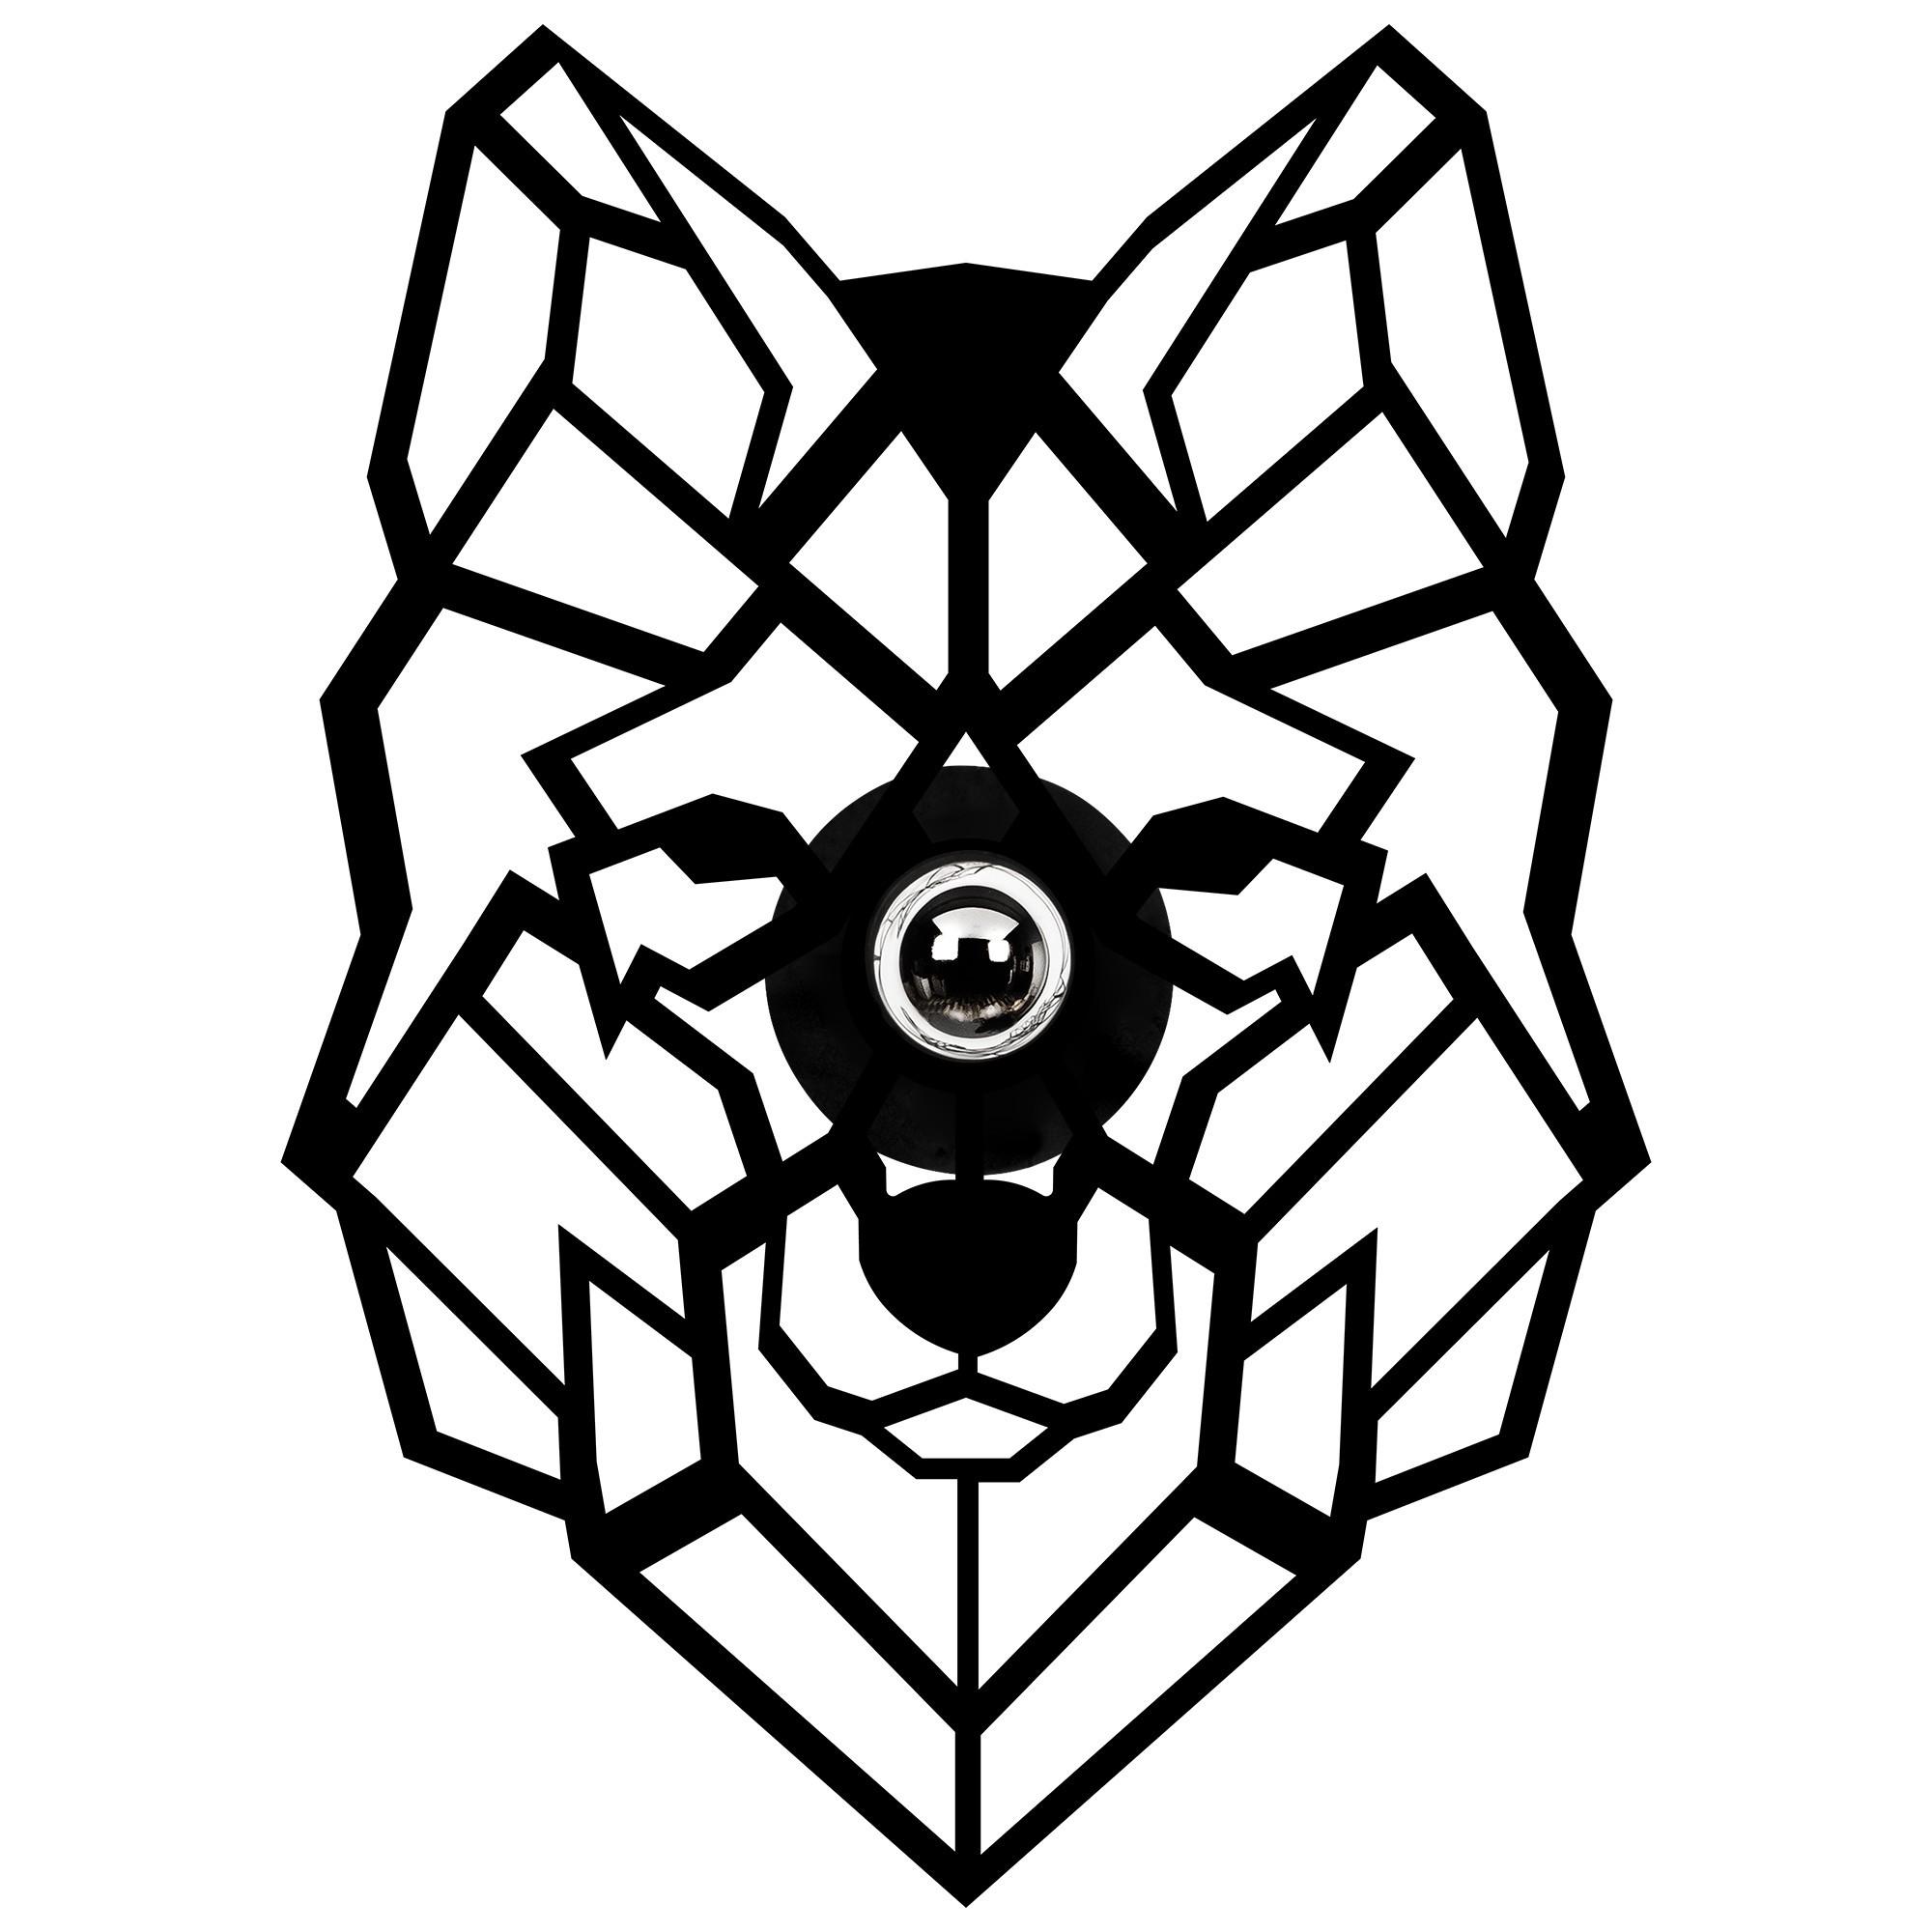 LED industriële wanddeco lamp dieren - Wolf - dimbaar - E27 fitting - vooraanzicht